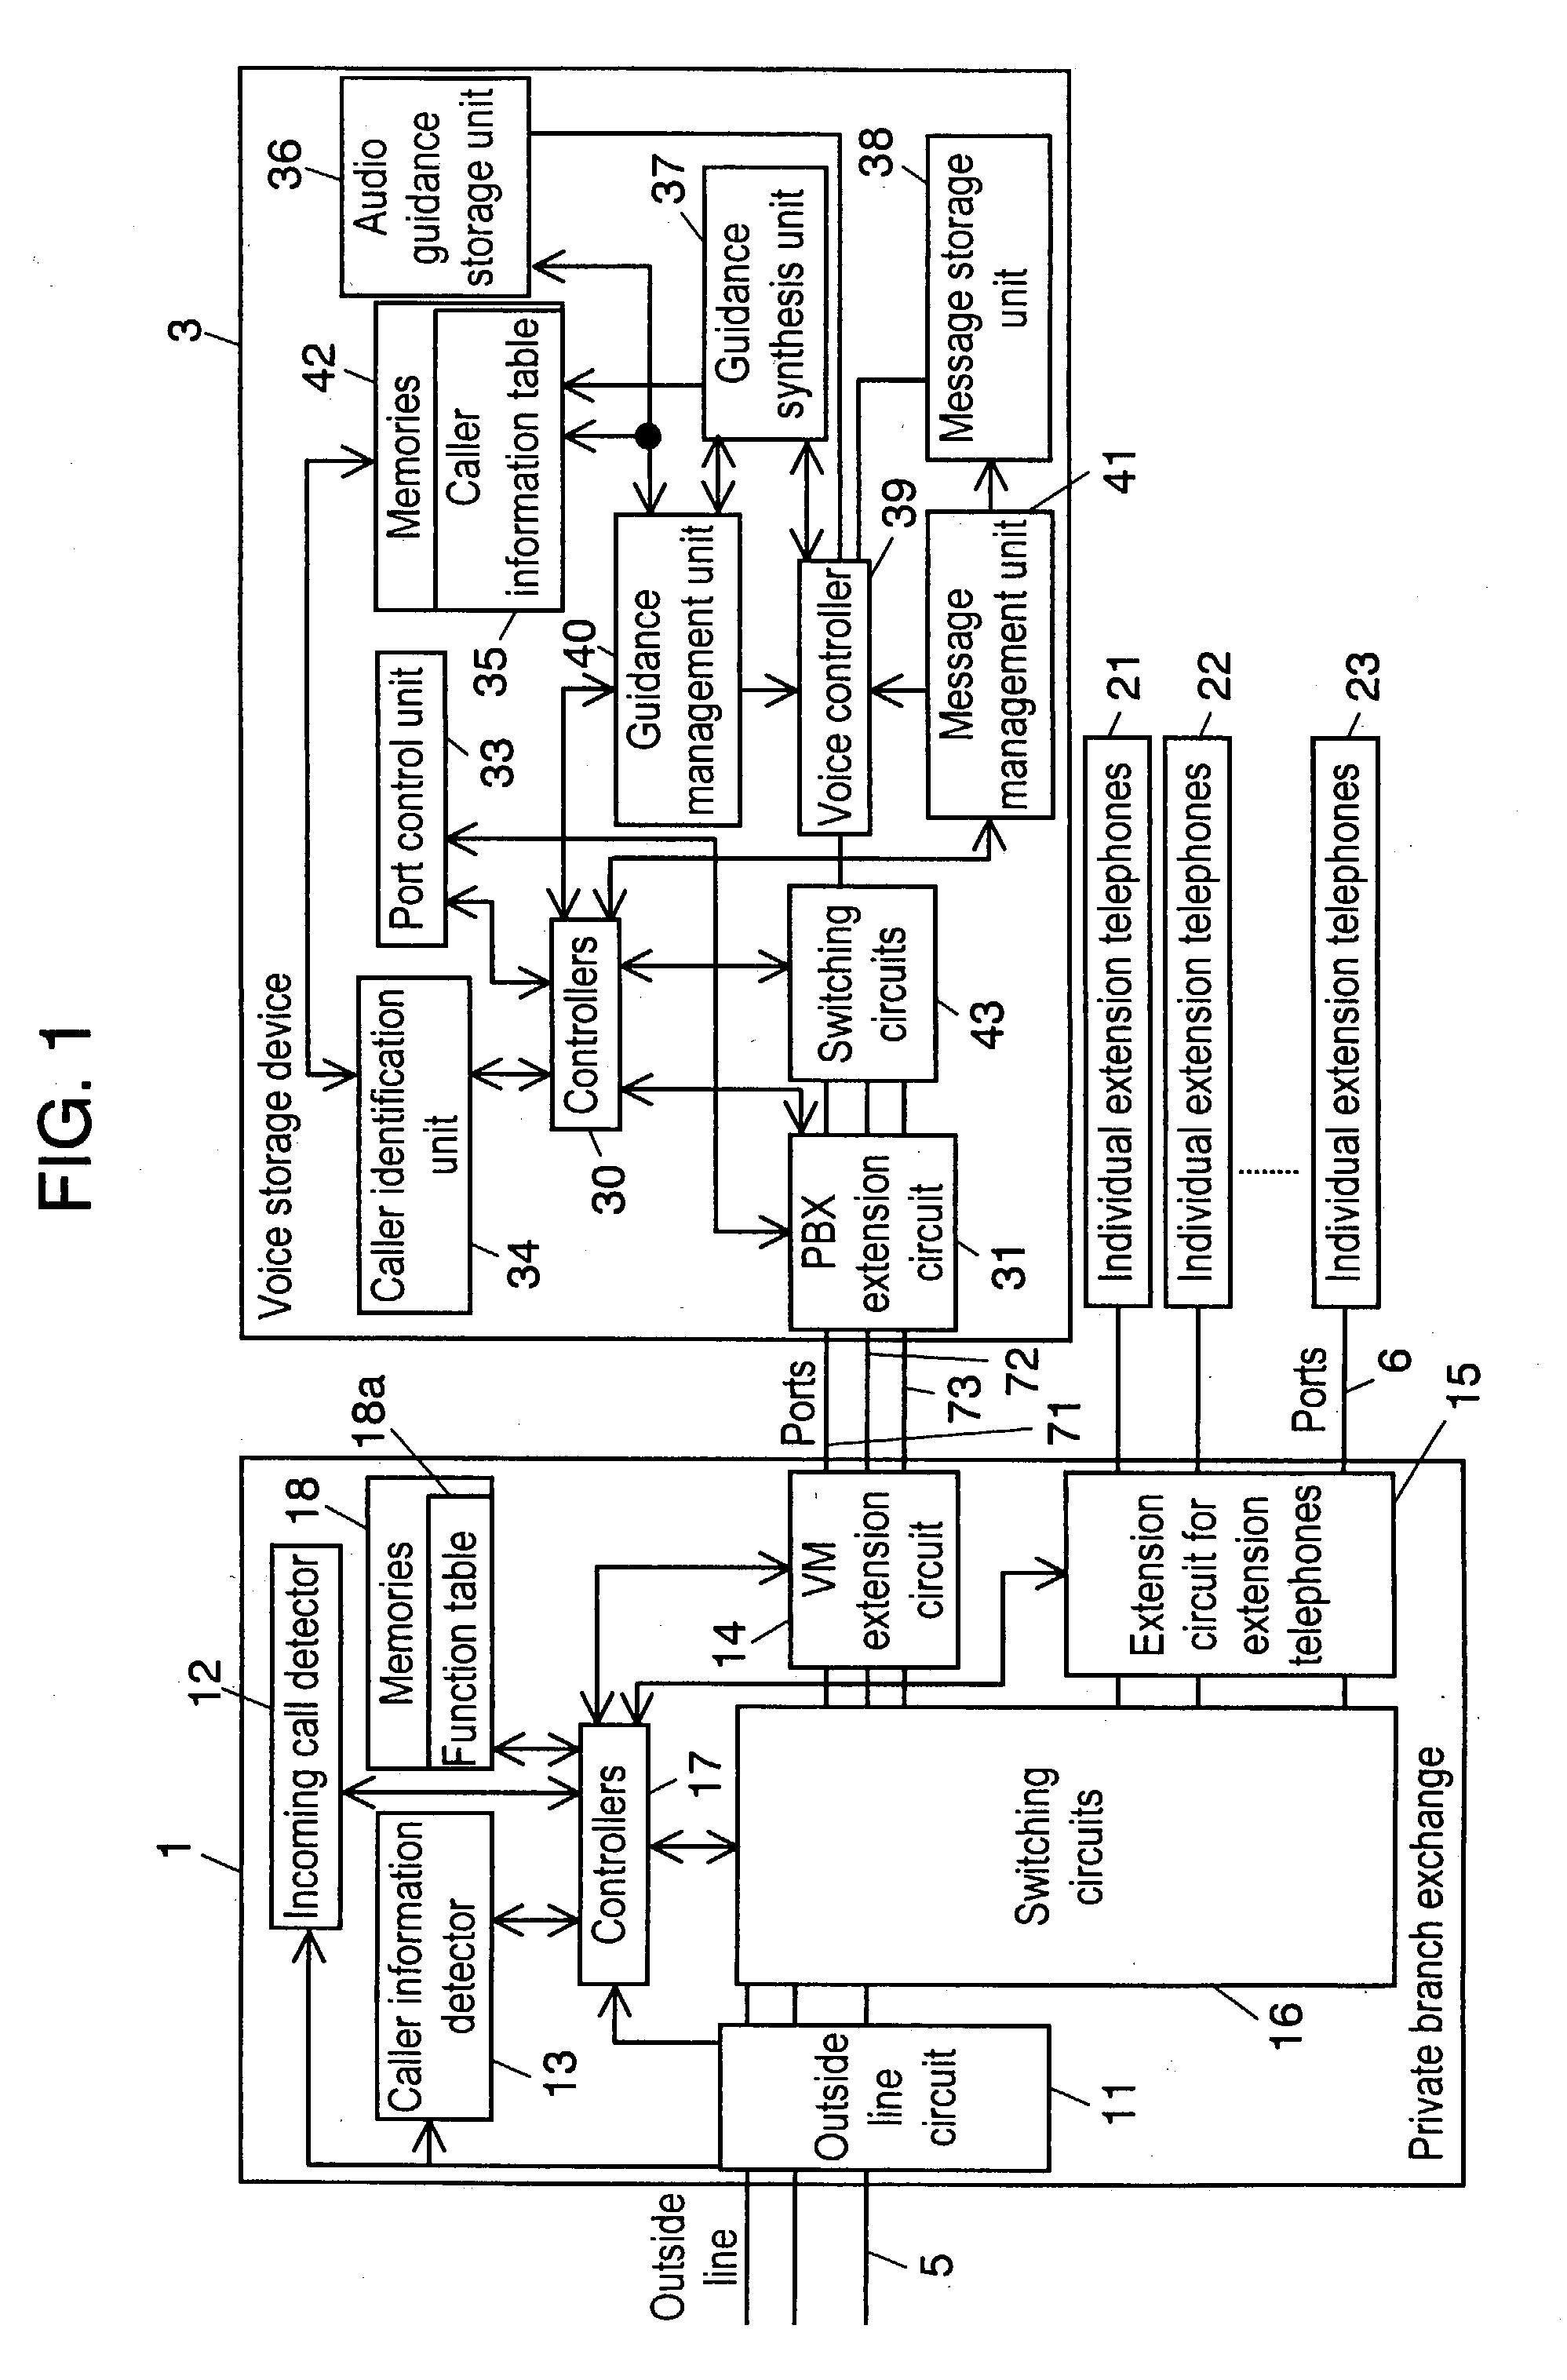 patent us20030228001